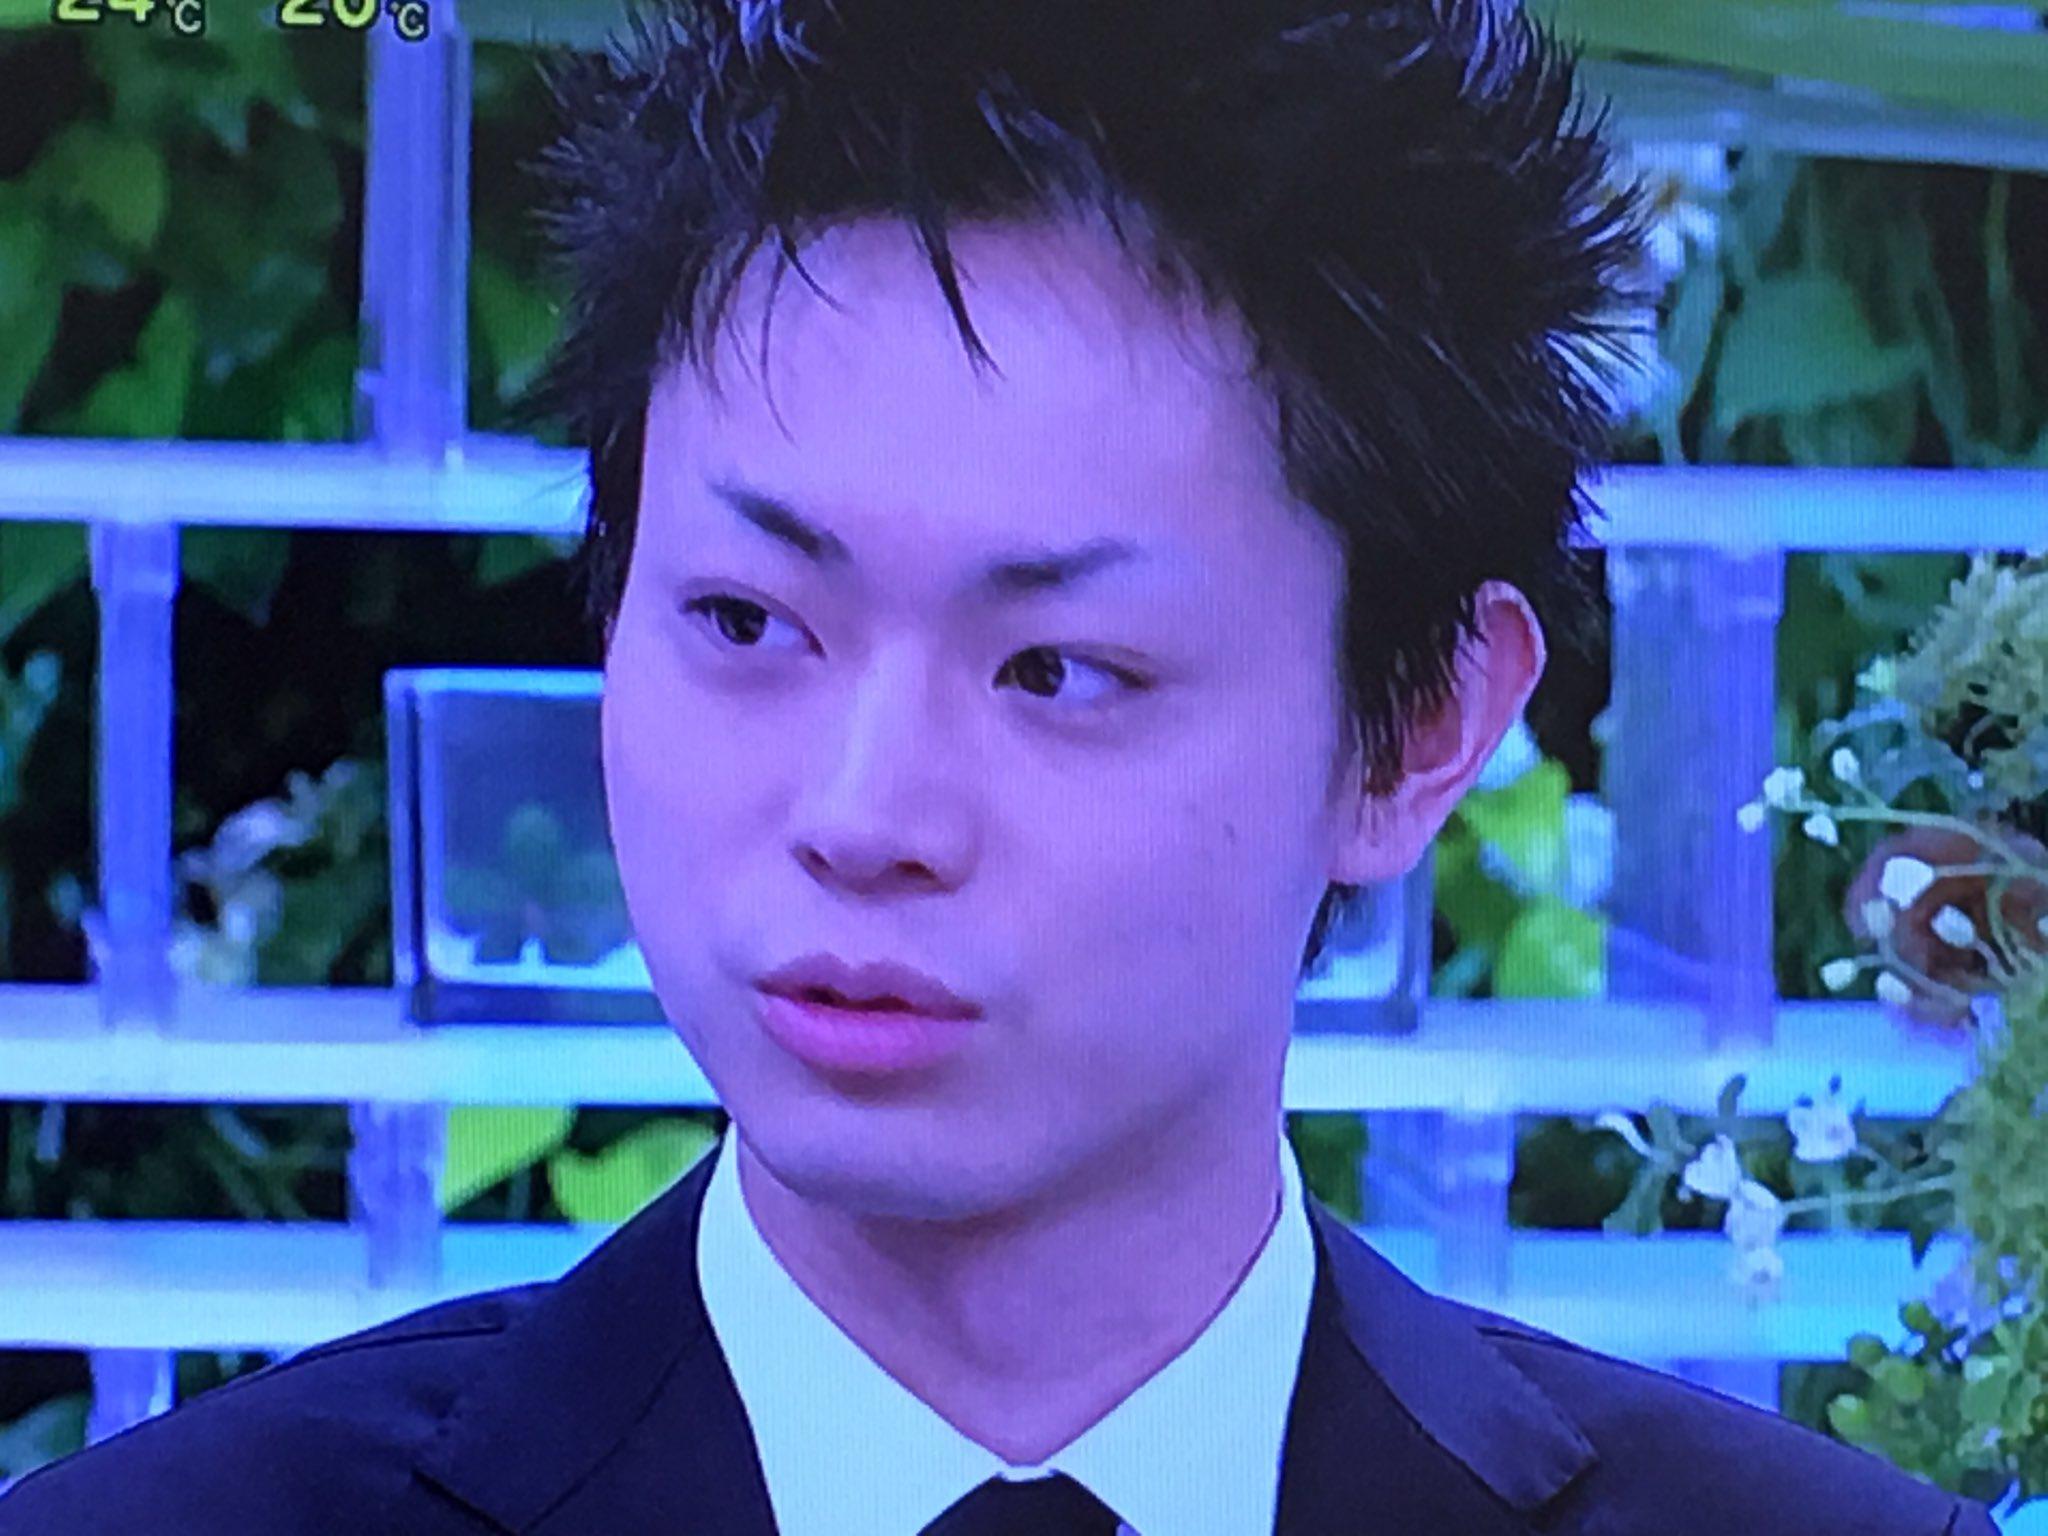 画像  菅田将暉の眉がおかしなことになってた。舞台のためだ